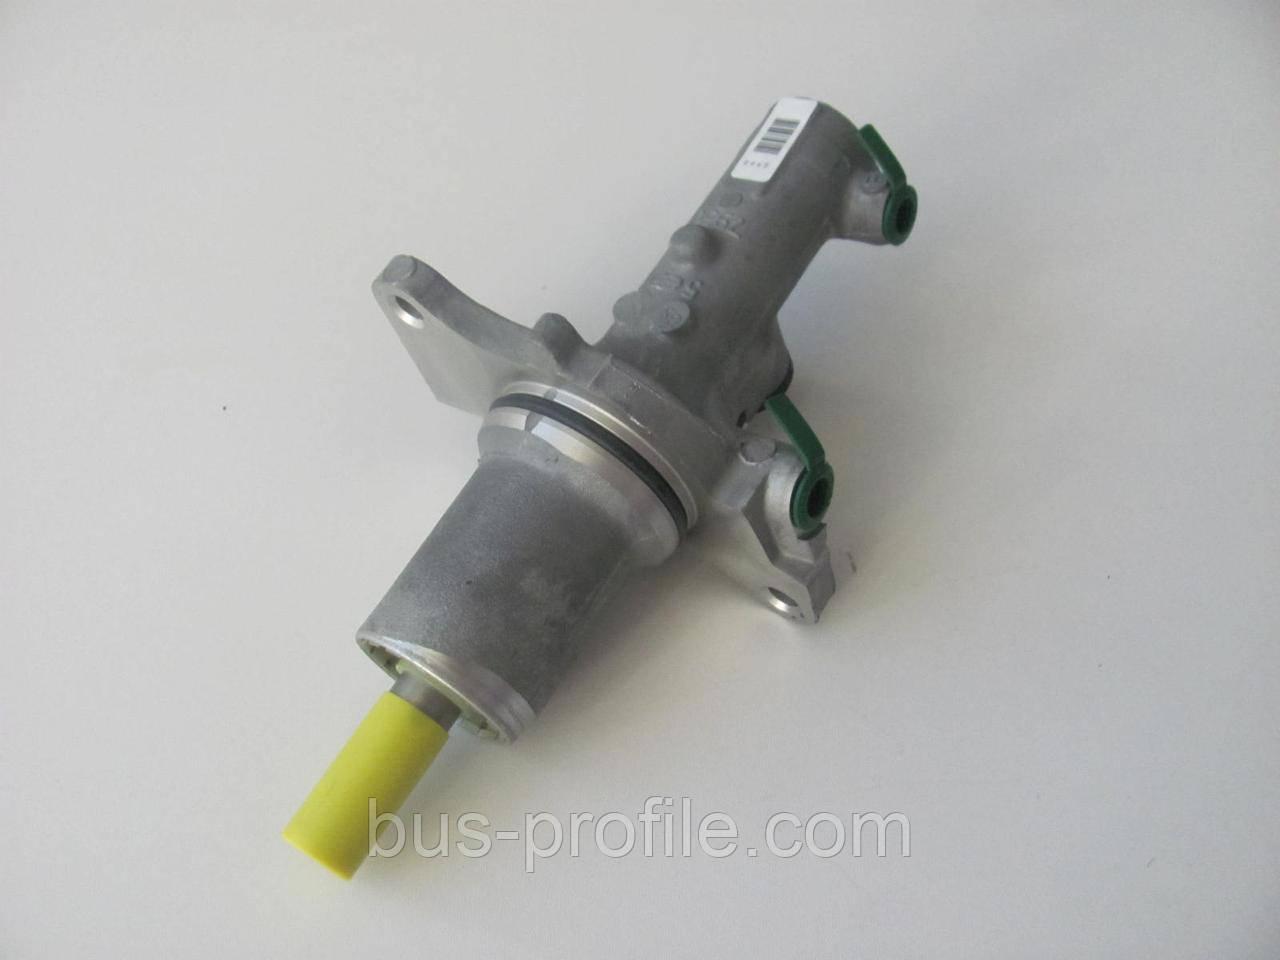 Цилиндр тормозной (главный) MB Sprinter/VW Crafter 06- — TRW — PMN228